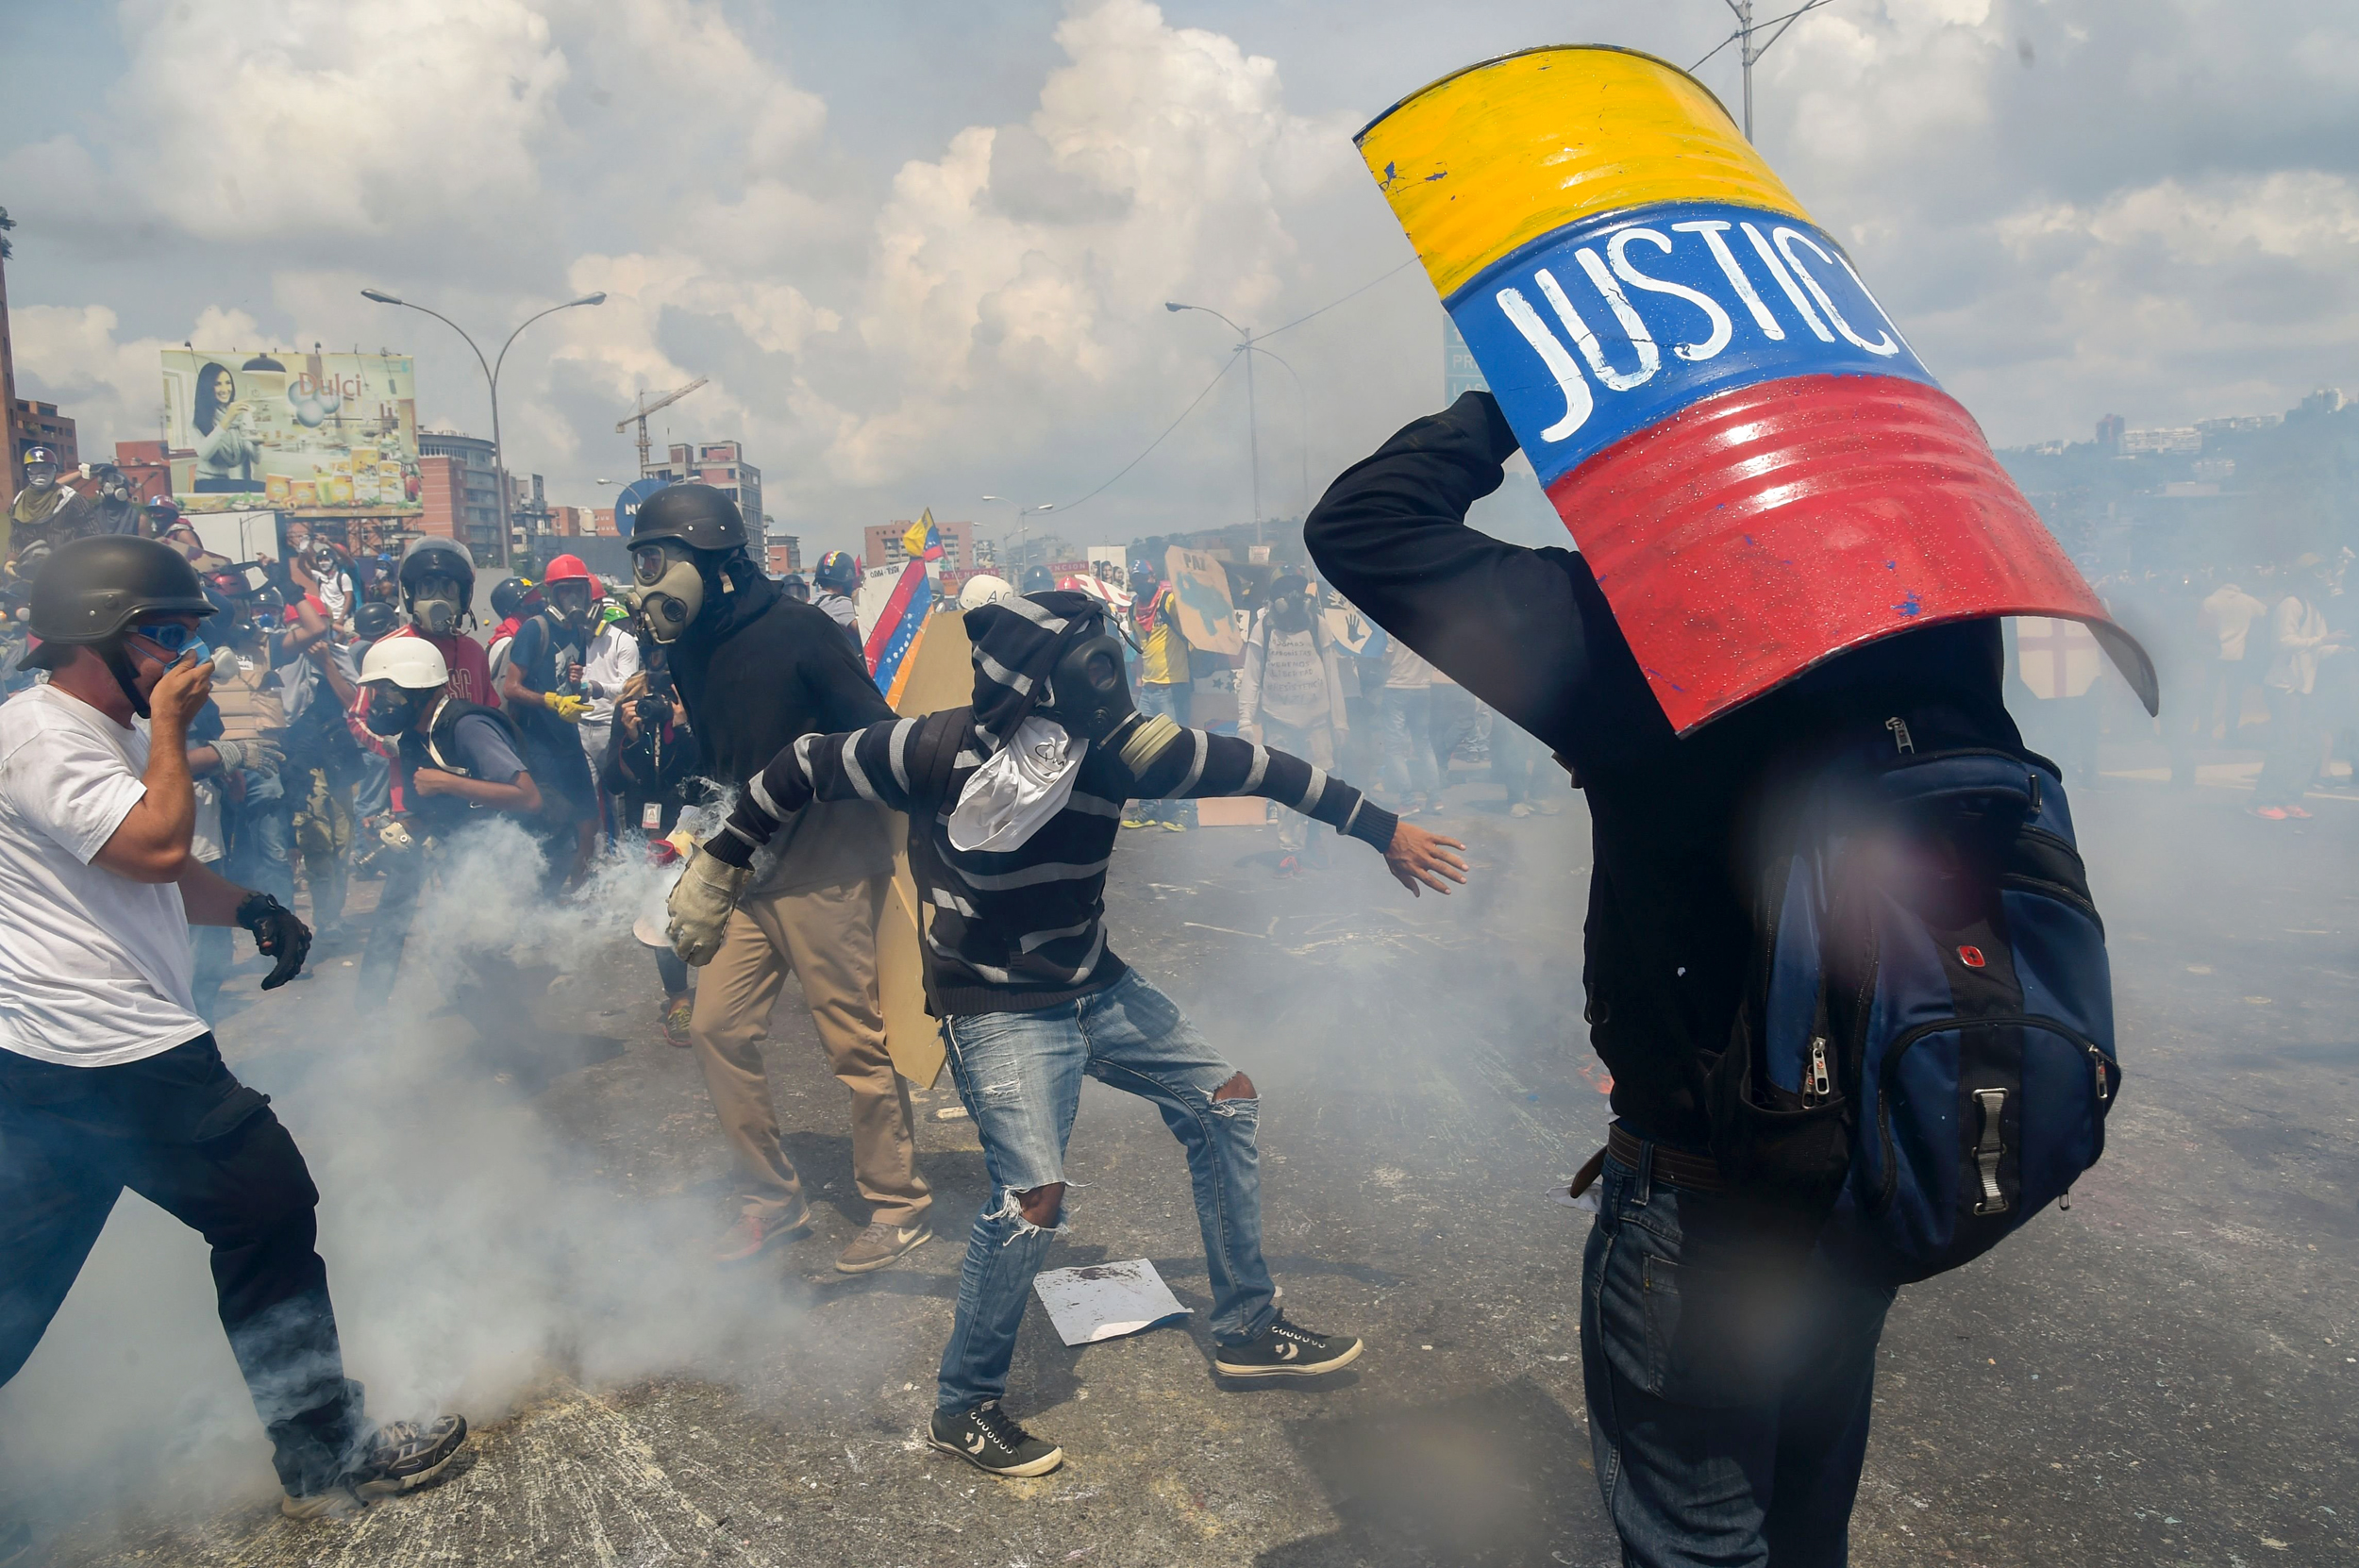 Image: Venezuelan Crisis